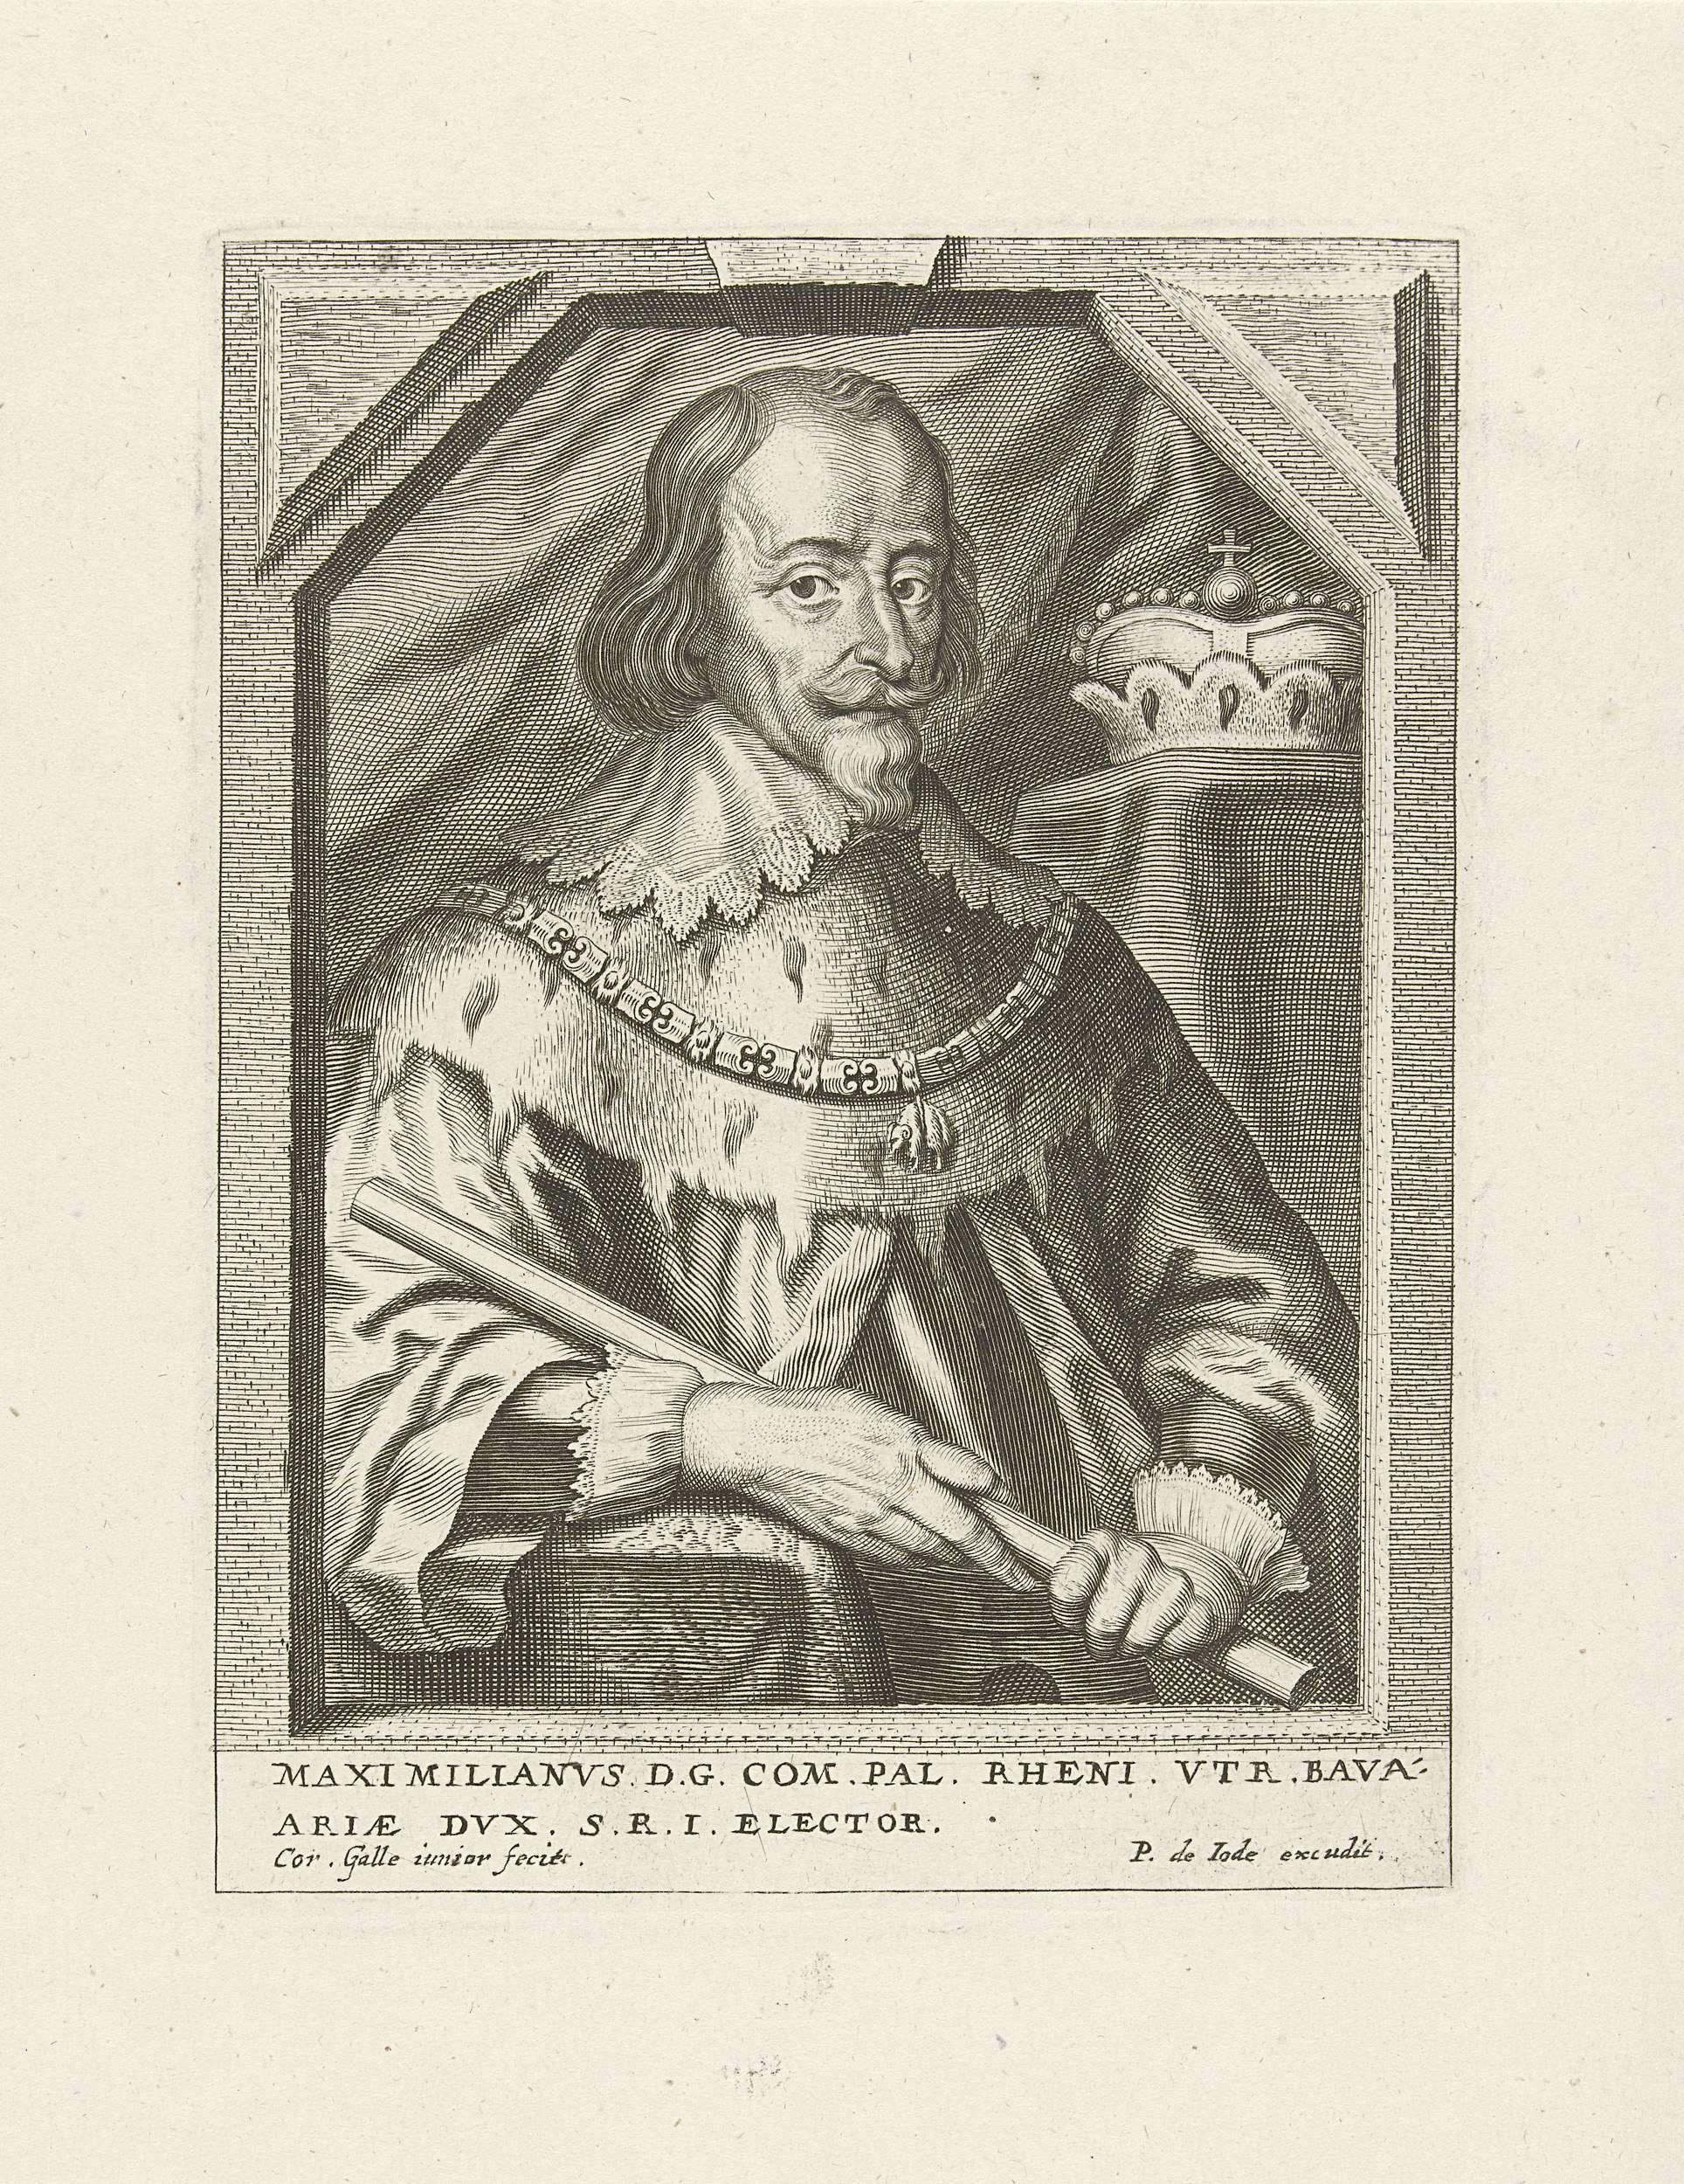 Cornelis Galle (II) | Portret van Maximilaan I van Beieren, Cornelis Galle (II), Pieter de Jode, c. 1638 - c. 1650 | Portret van Maximilaan van Beyeren met ketting van het gulden vlies en commandostaf. Op de achtergrond zijn kroon.